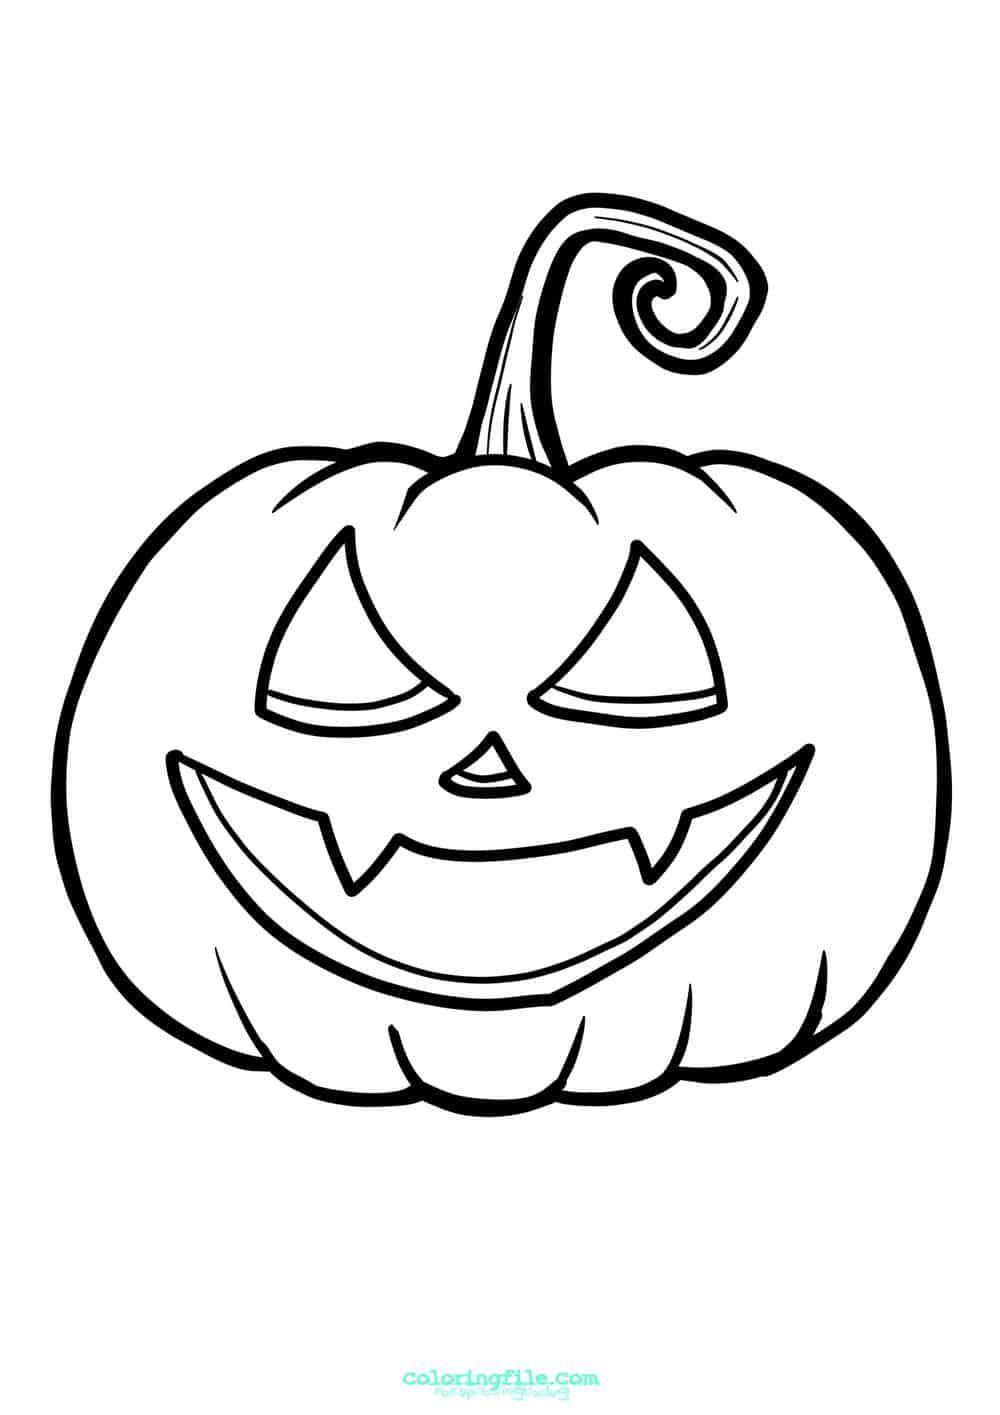 Halloween Pumpkin Vampire Coloring Pages Halloween Coloring Pages Halloween Coloring Pages Printable Halloween Pumpkins